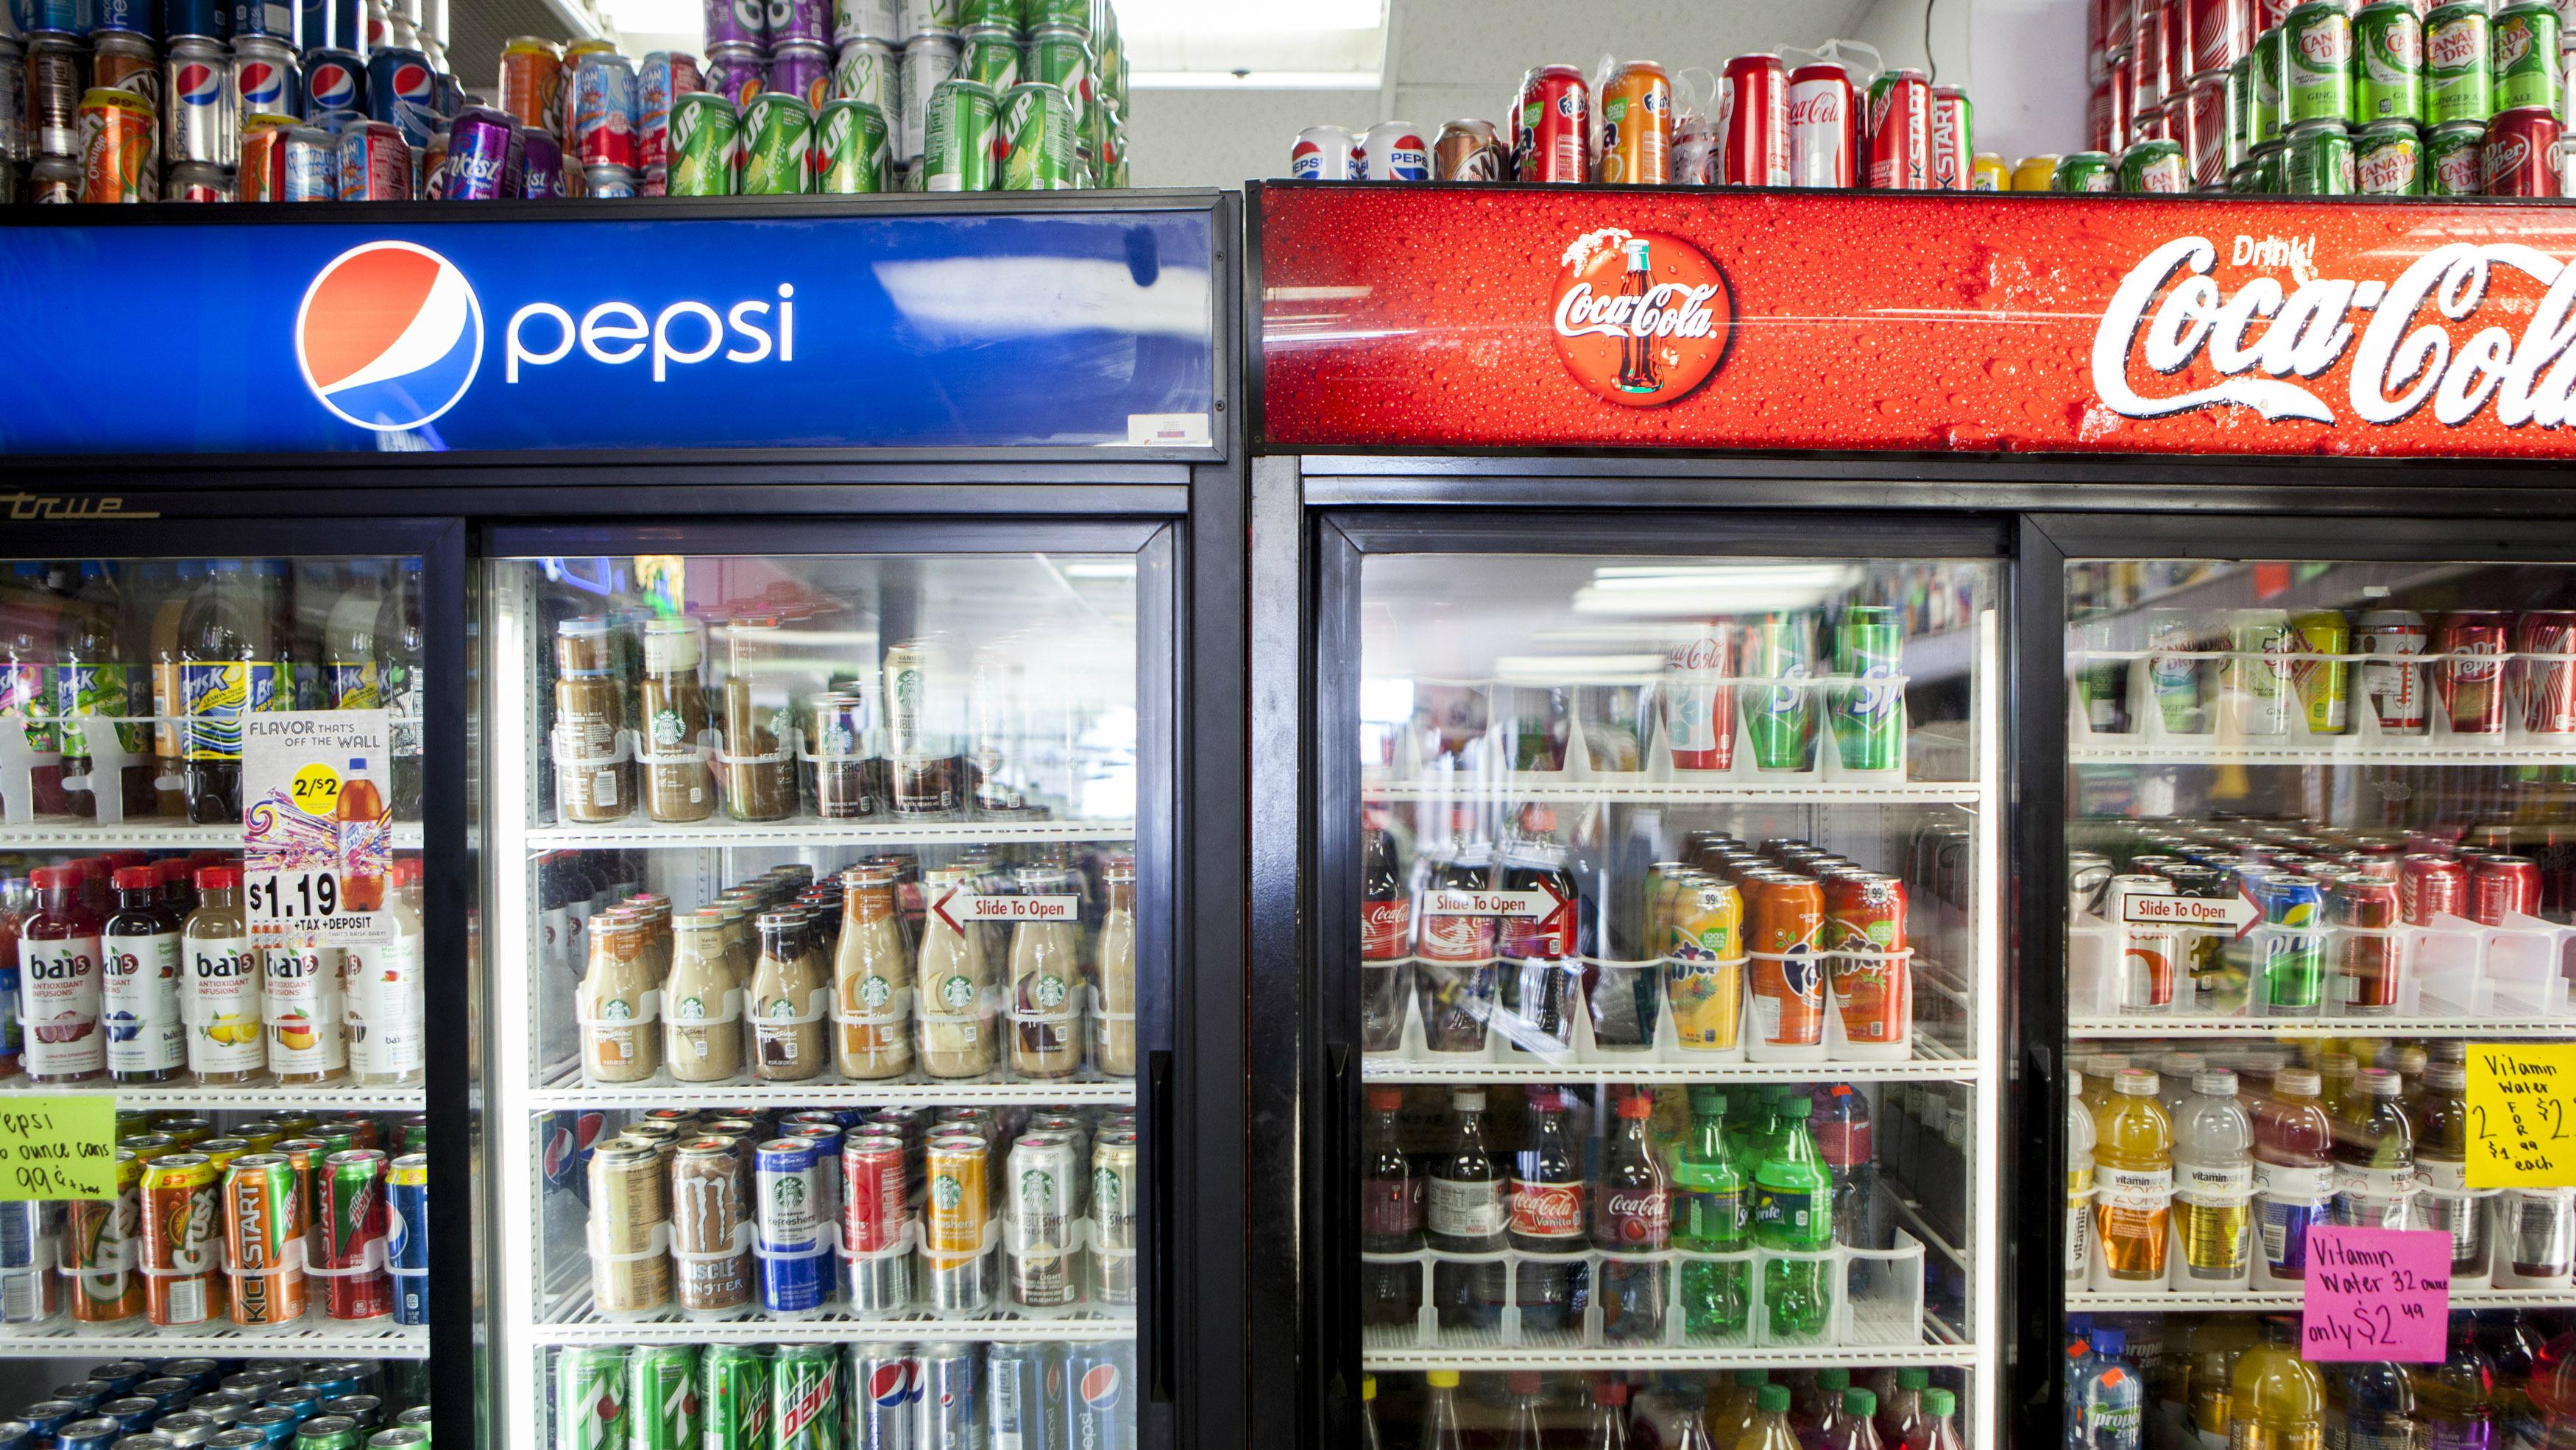 dieta soda diabetes cdc